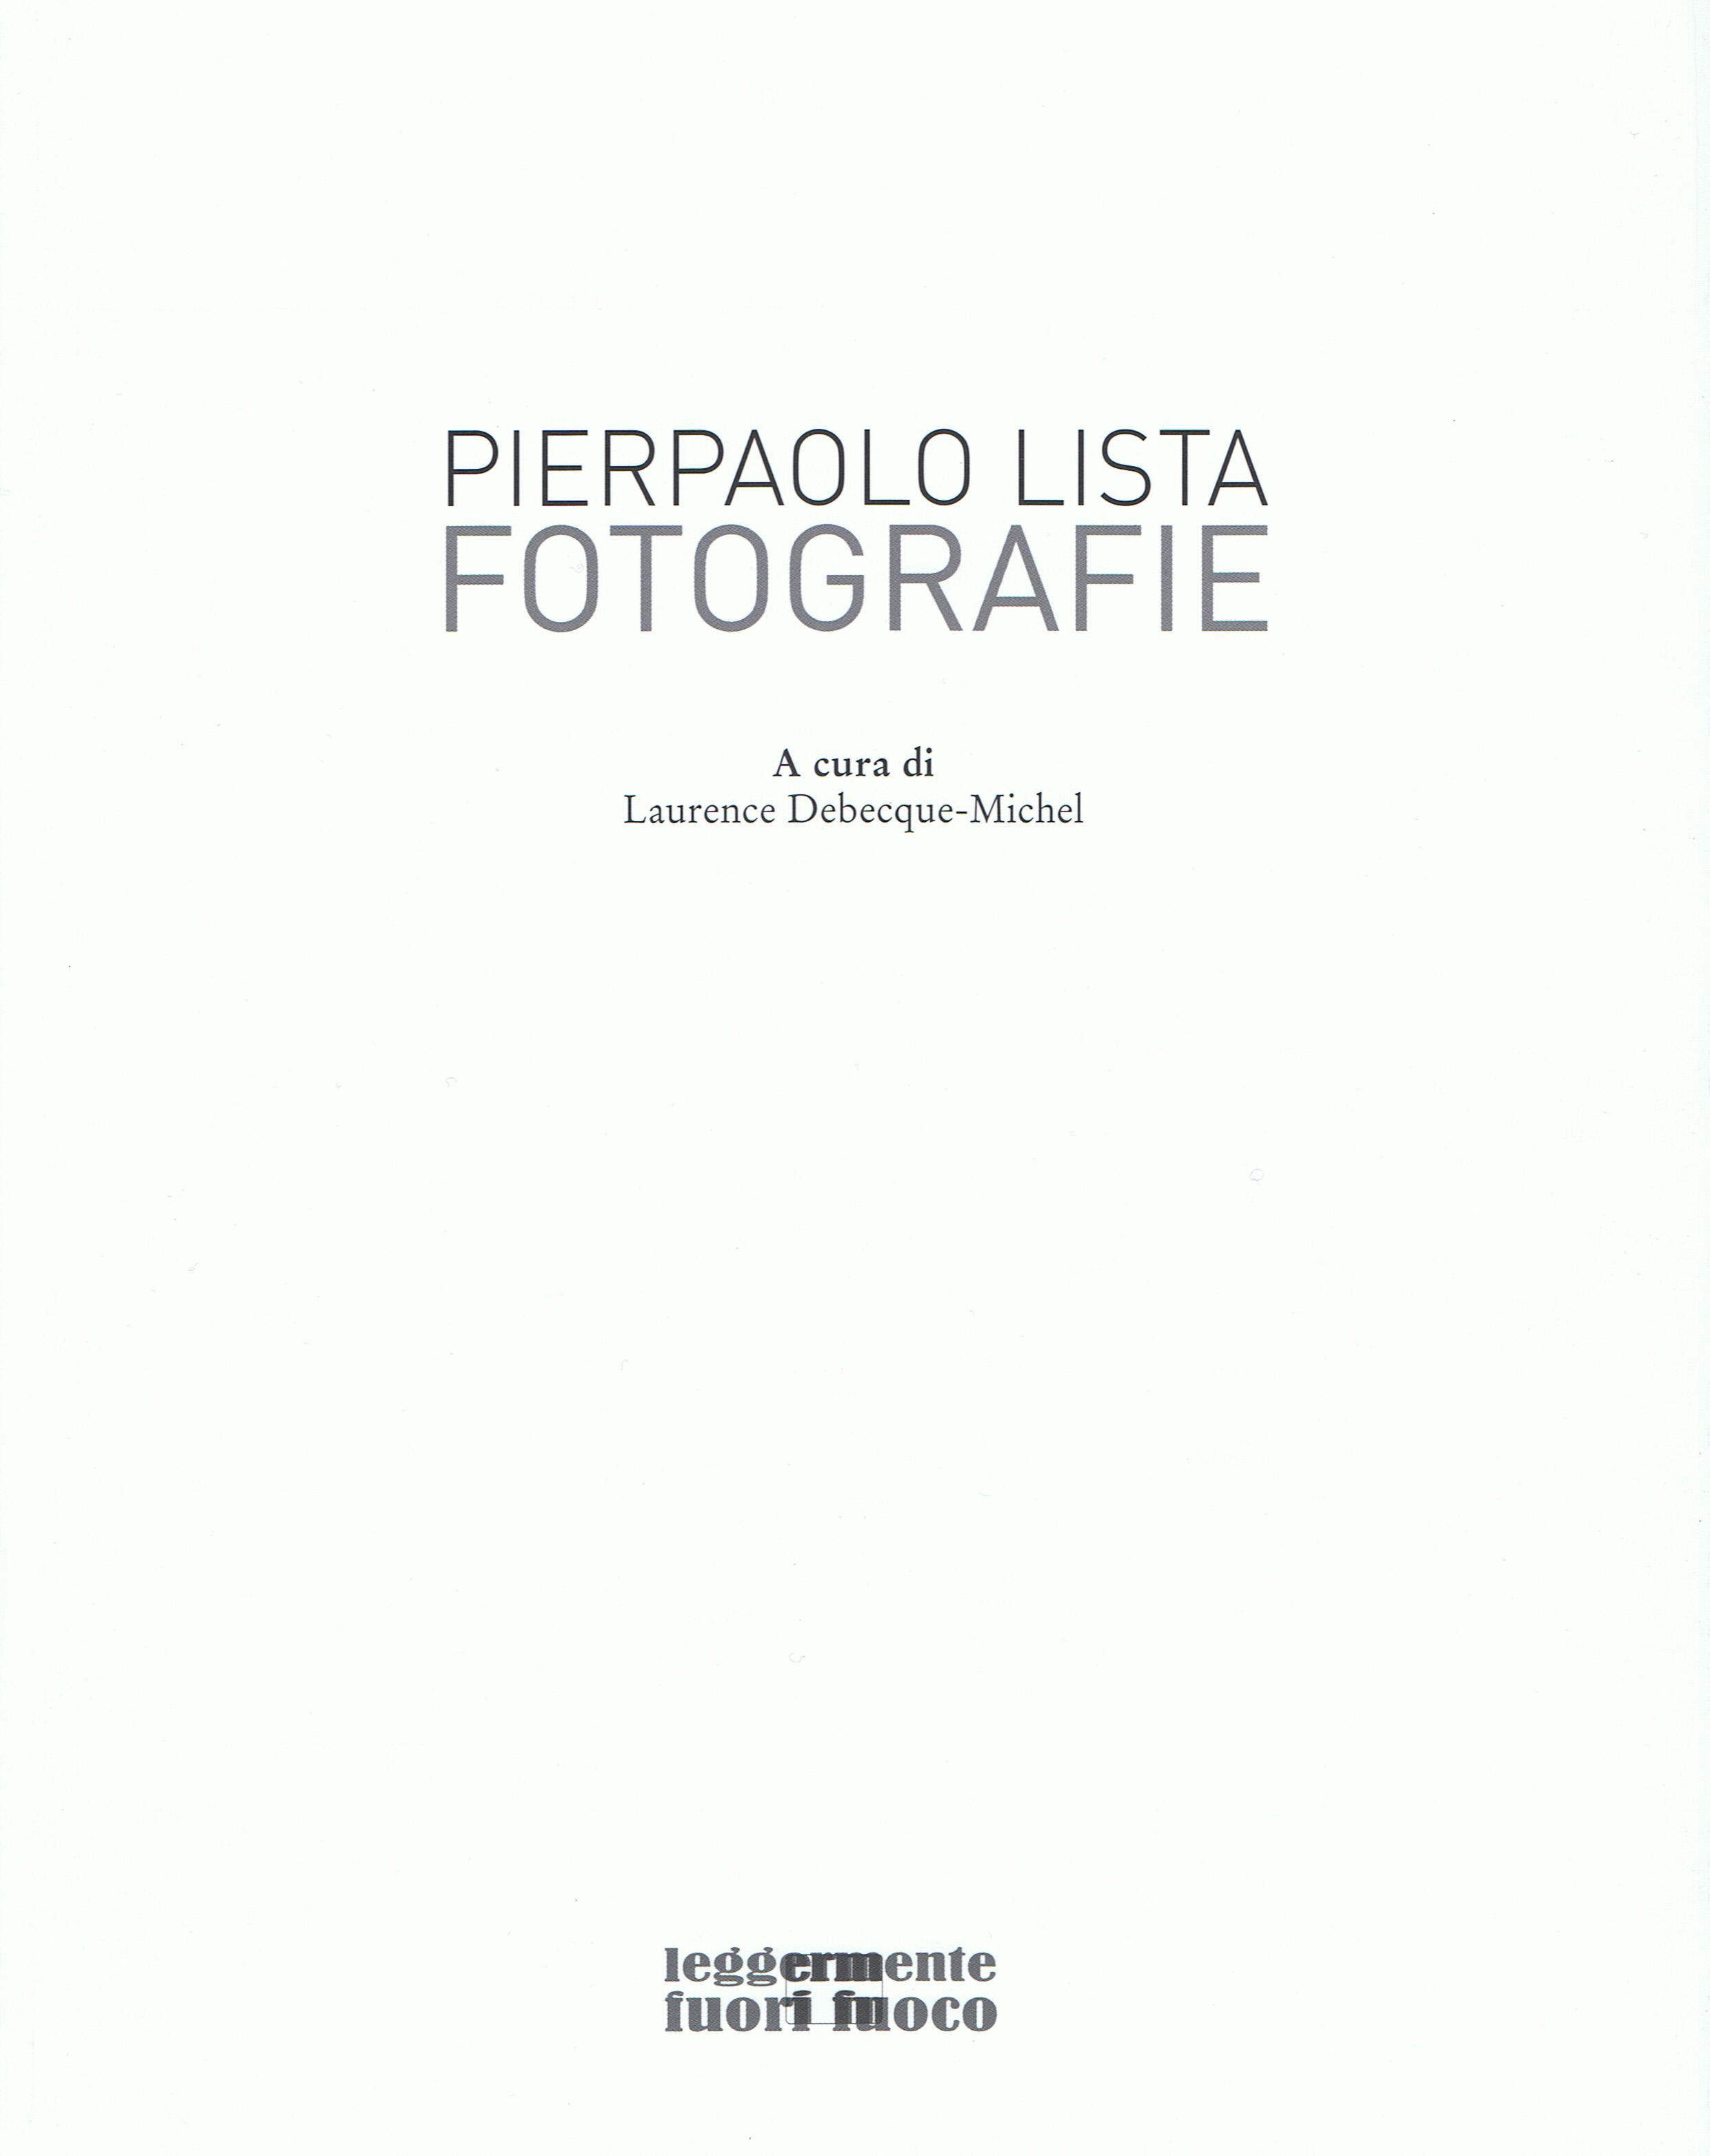 Pierpaolo Lista